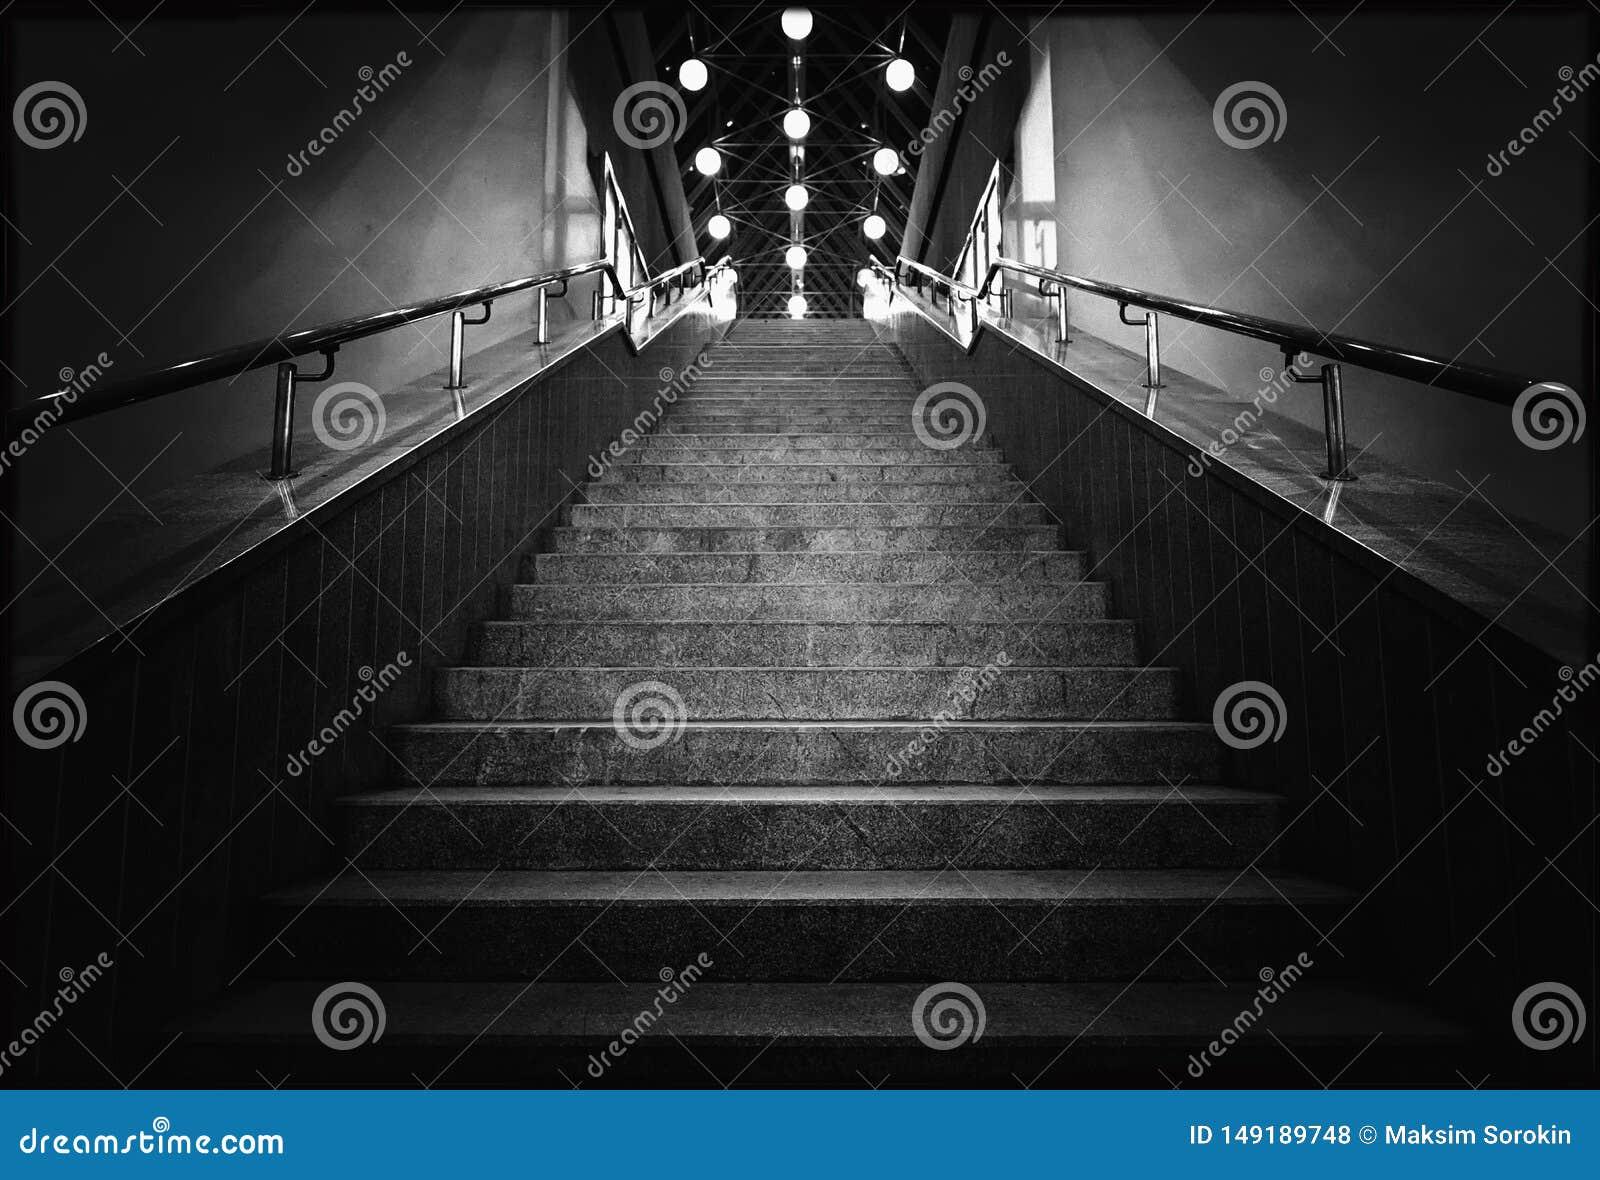 Schwarzweiss-Foto der Nachttreppe mit Laternen